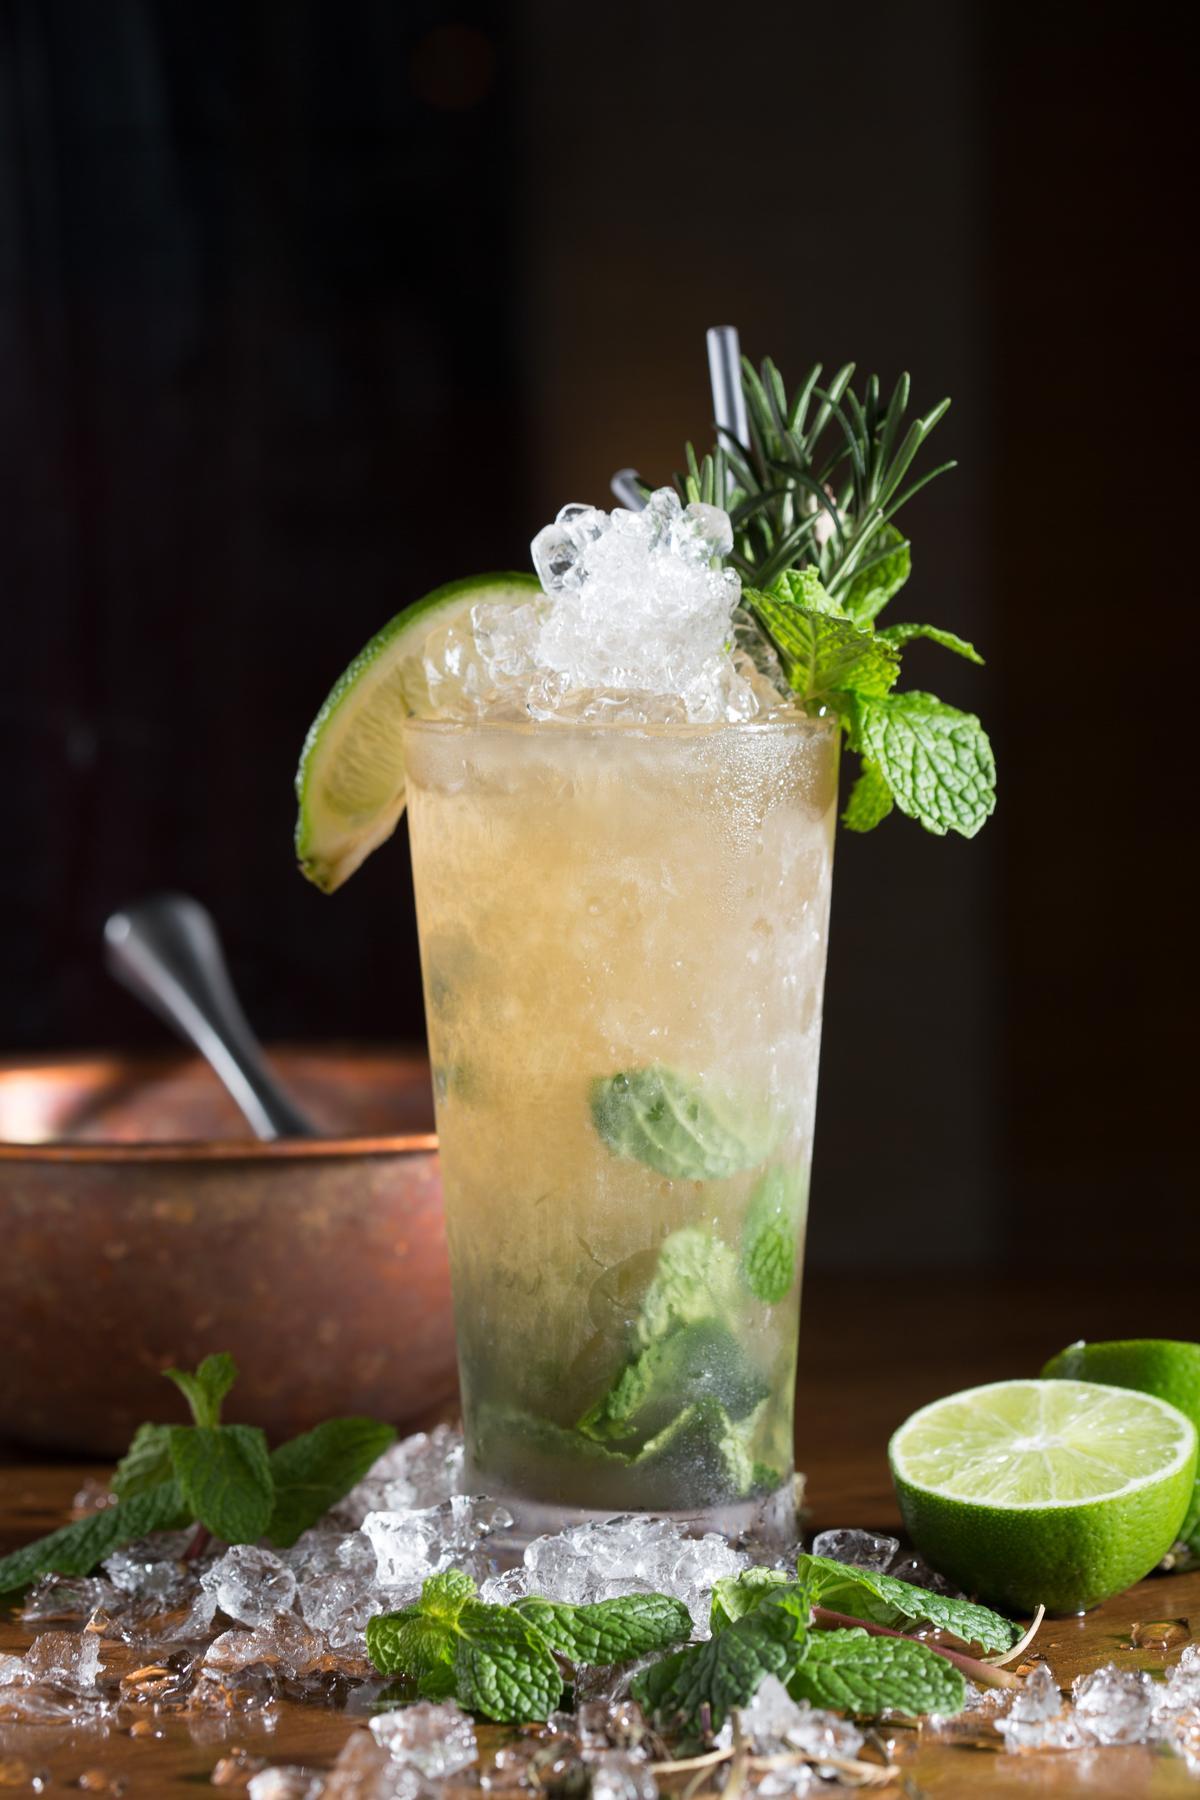 「神農氏喝的莫希多」東方青草遇上西方薄荷,加上大量碎冰,喝來非常爽冽。(280元/杯)